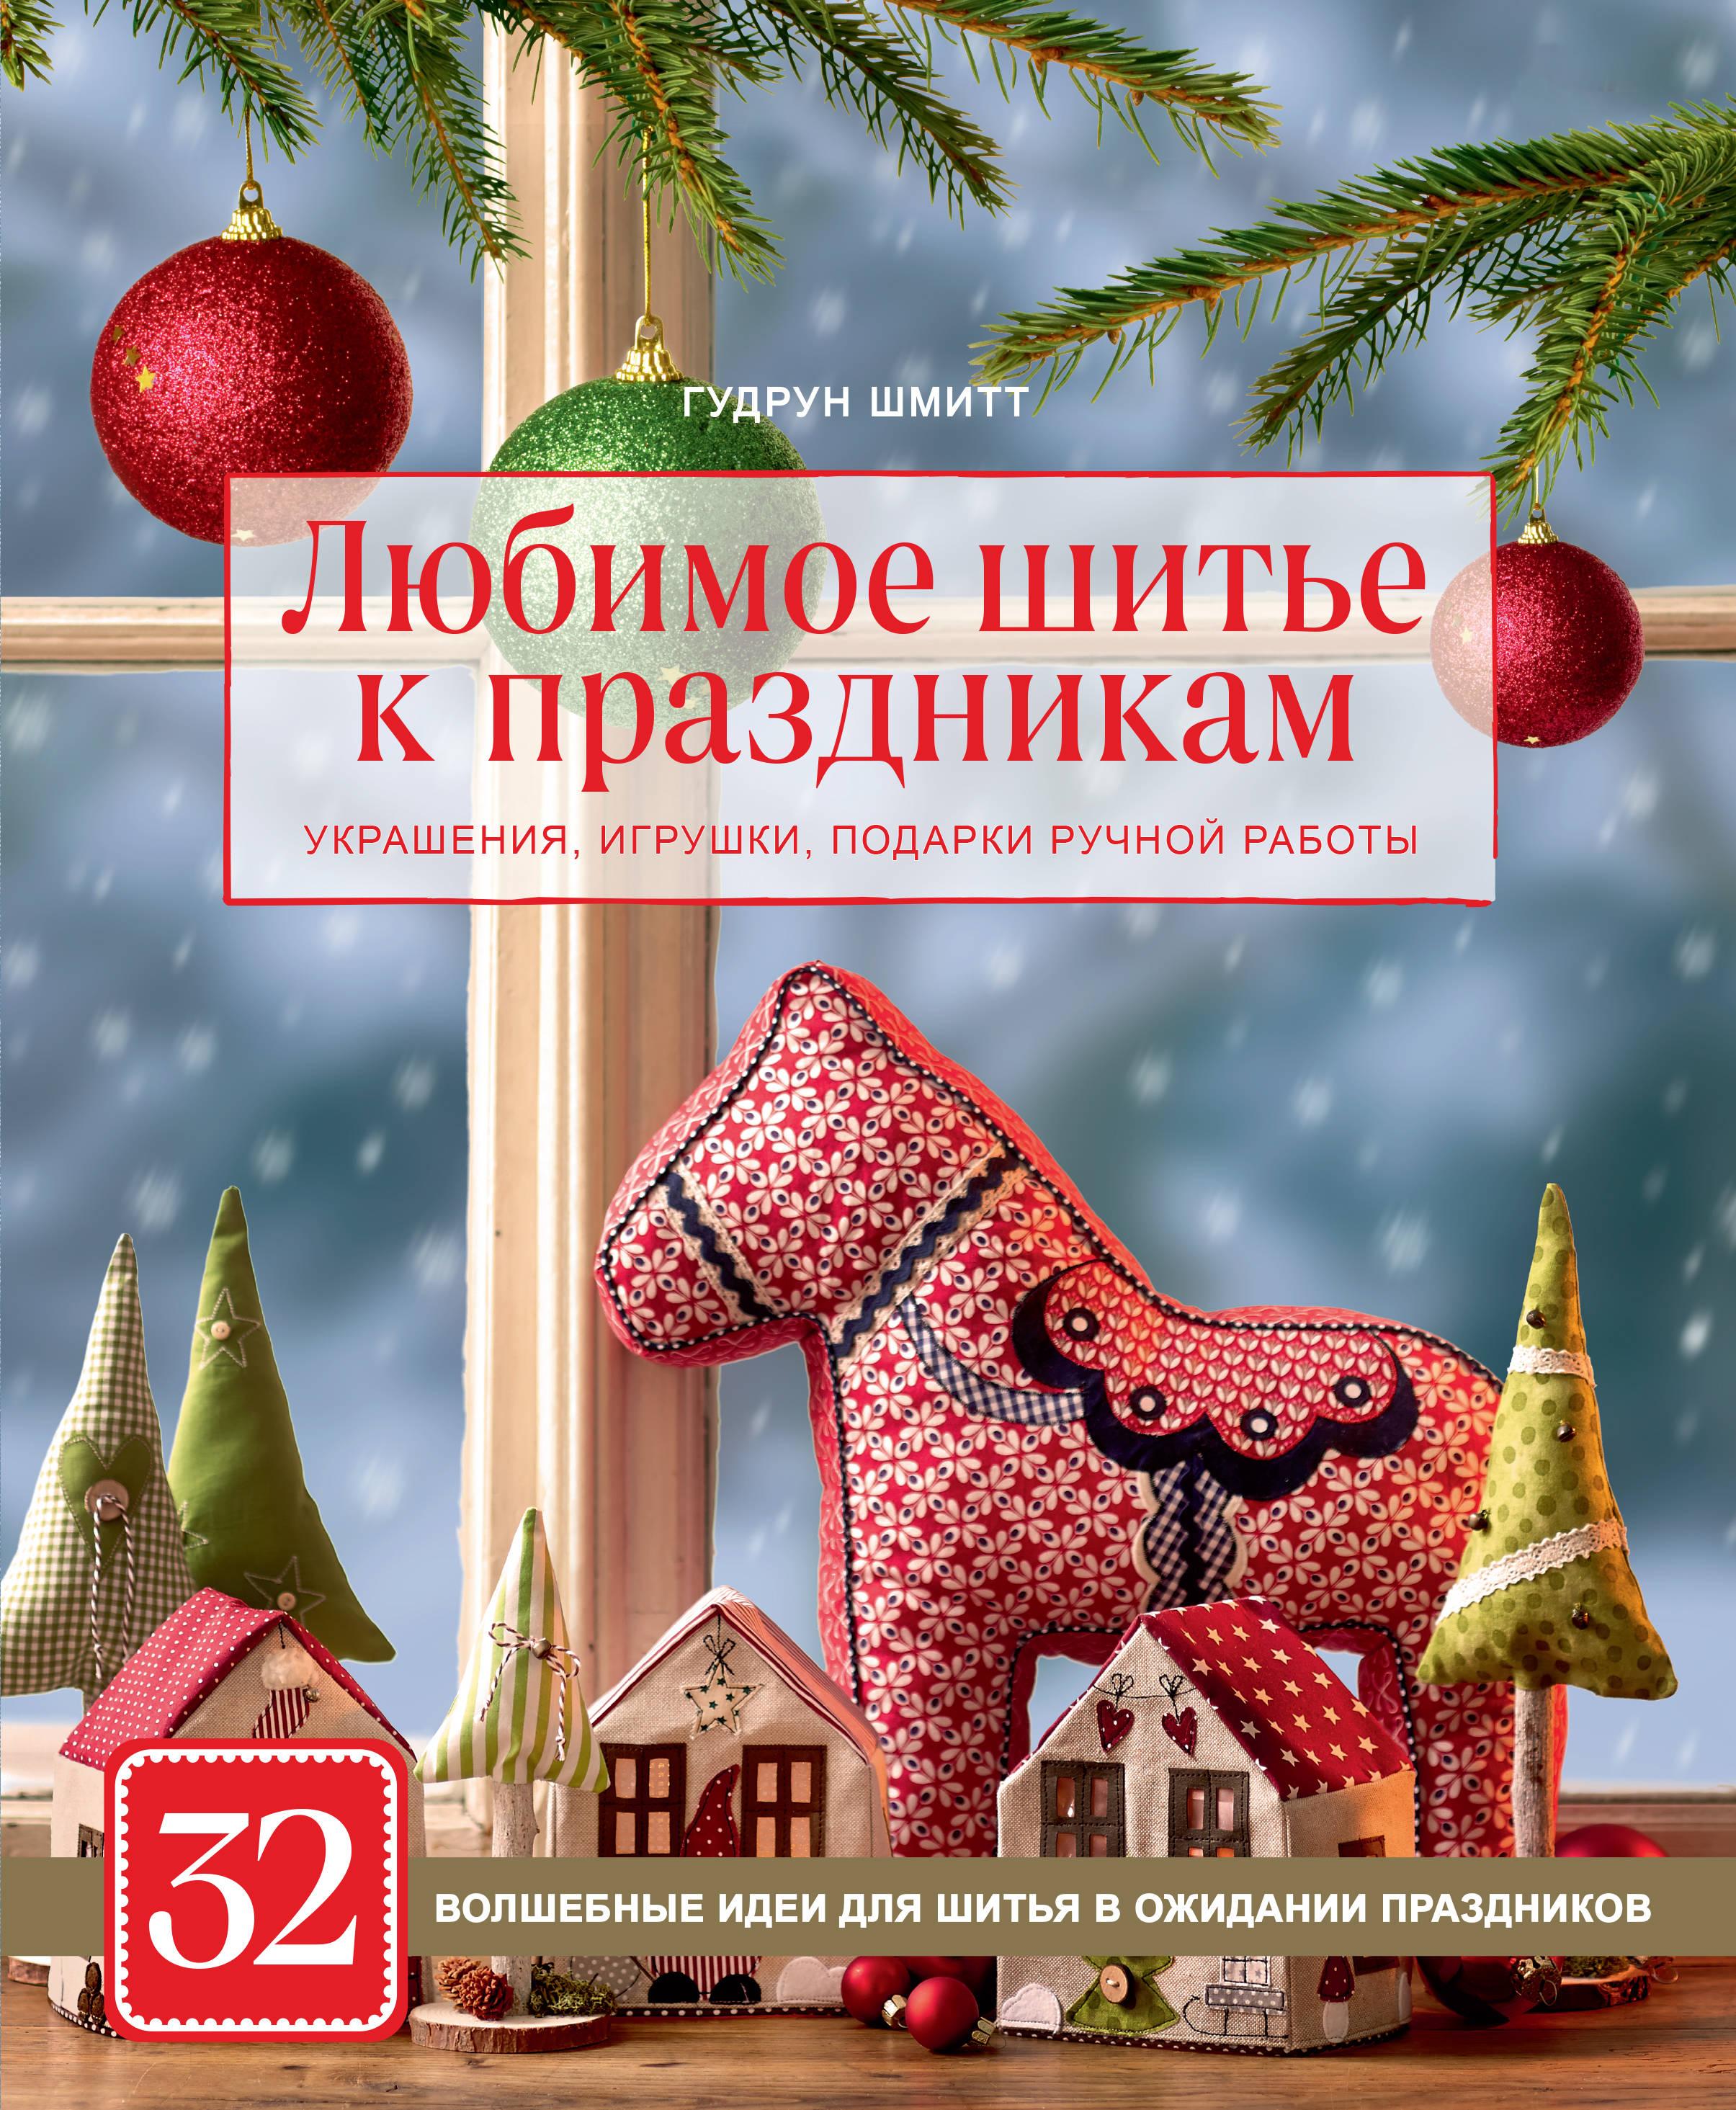 Шмитт Гудрун Любимое шитье к праздникам. Украшения, игрушки, подарки ручной работы (новогоднее оформление) простые модели из fimo украшения и предметы декора для детей